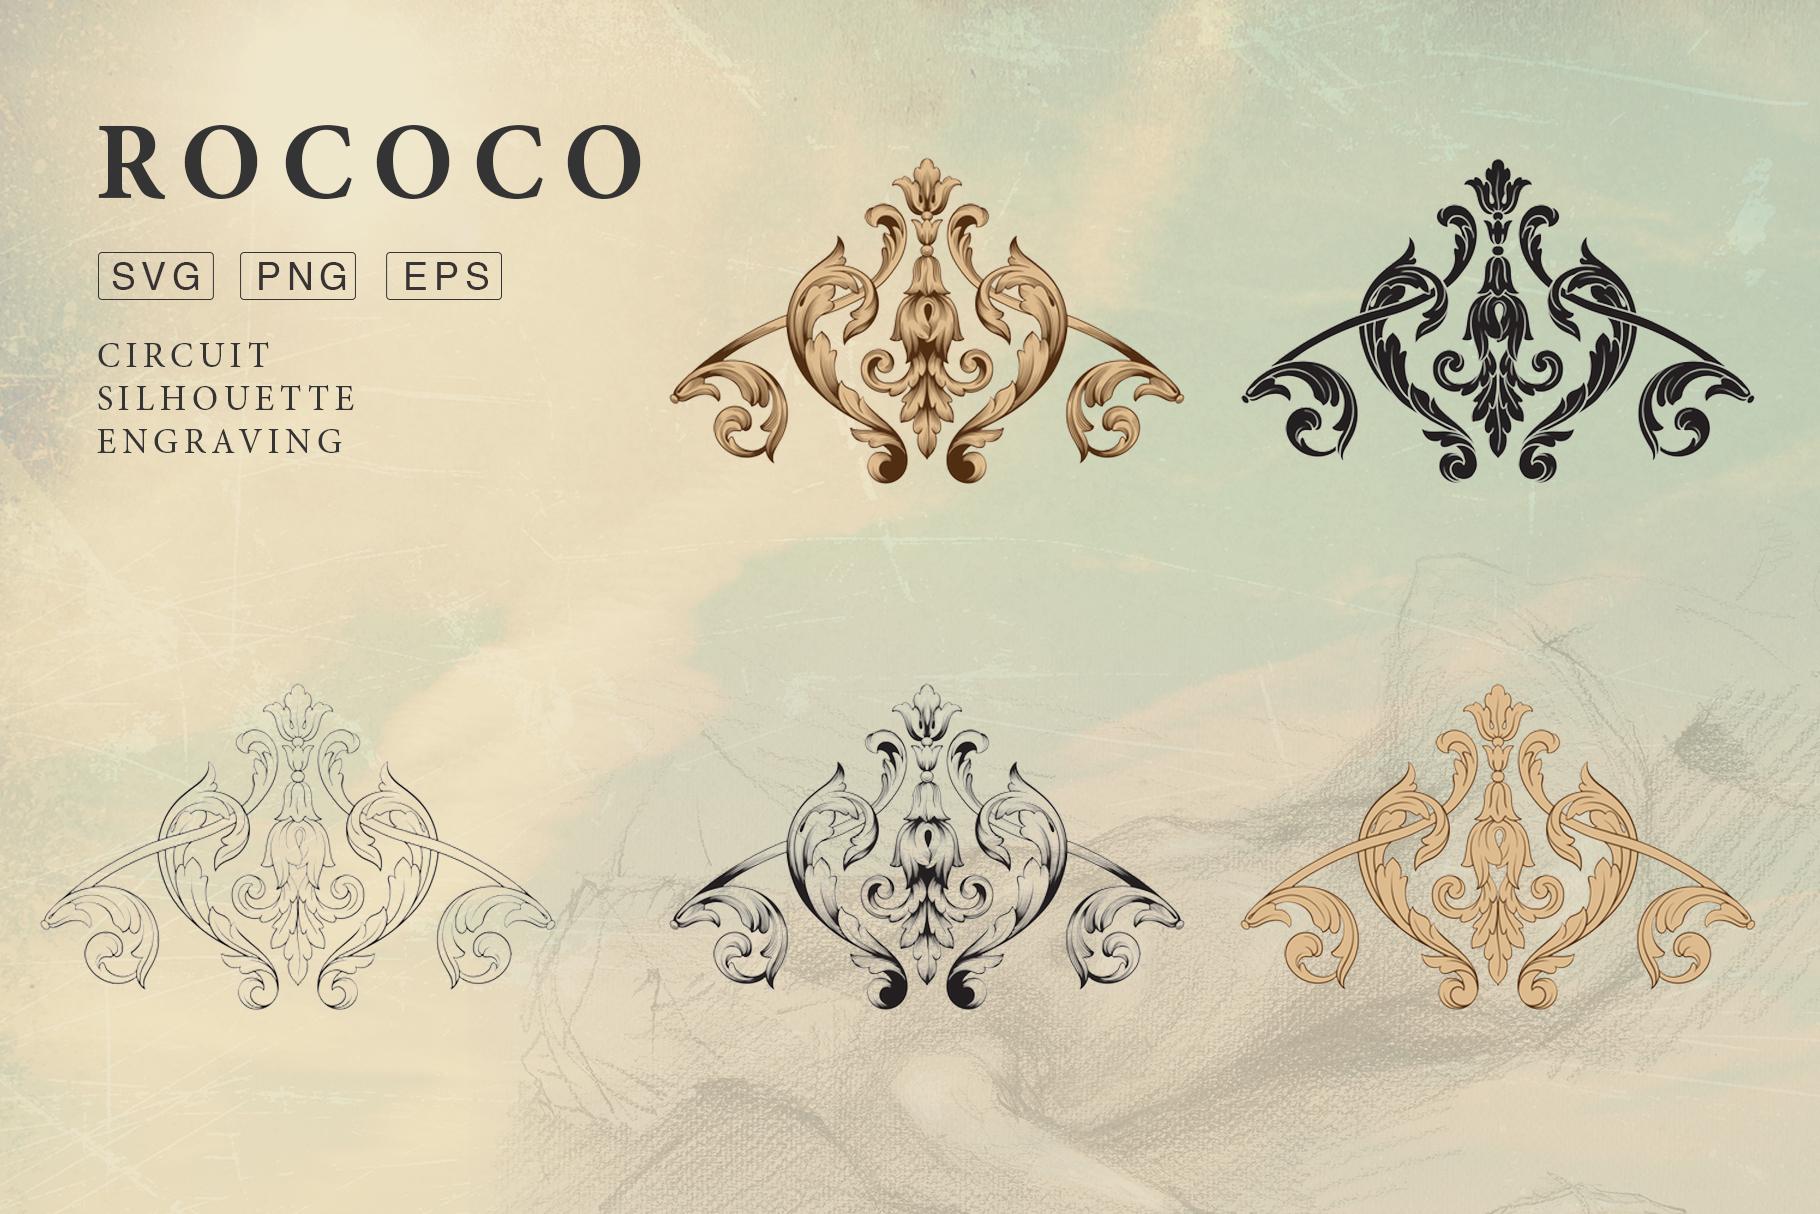 Rococo Romance Ornament page decor example image 4